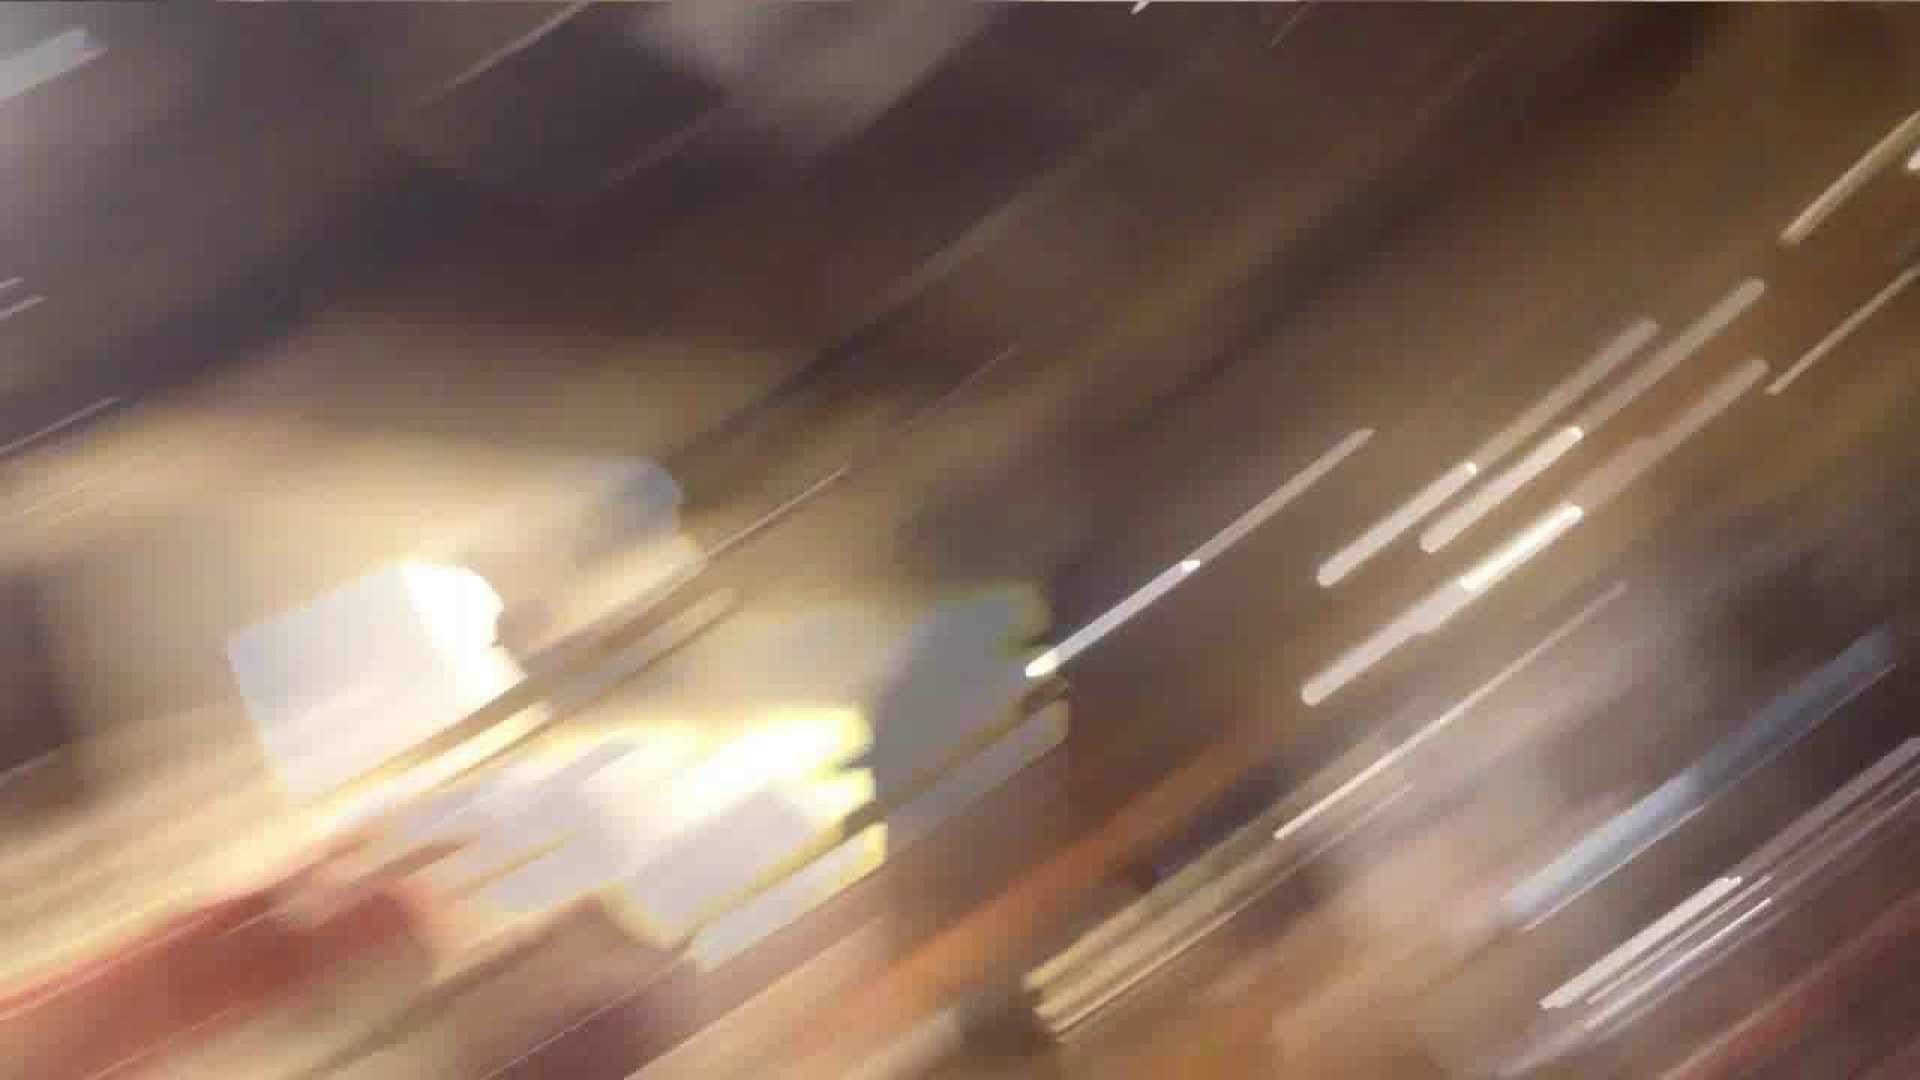 vol.34 美人アパレル胸チラ&パンチラ メガネ属性っていいよね♥ パンチラ 女性器鑑賞 48連発 39